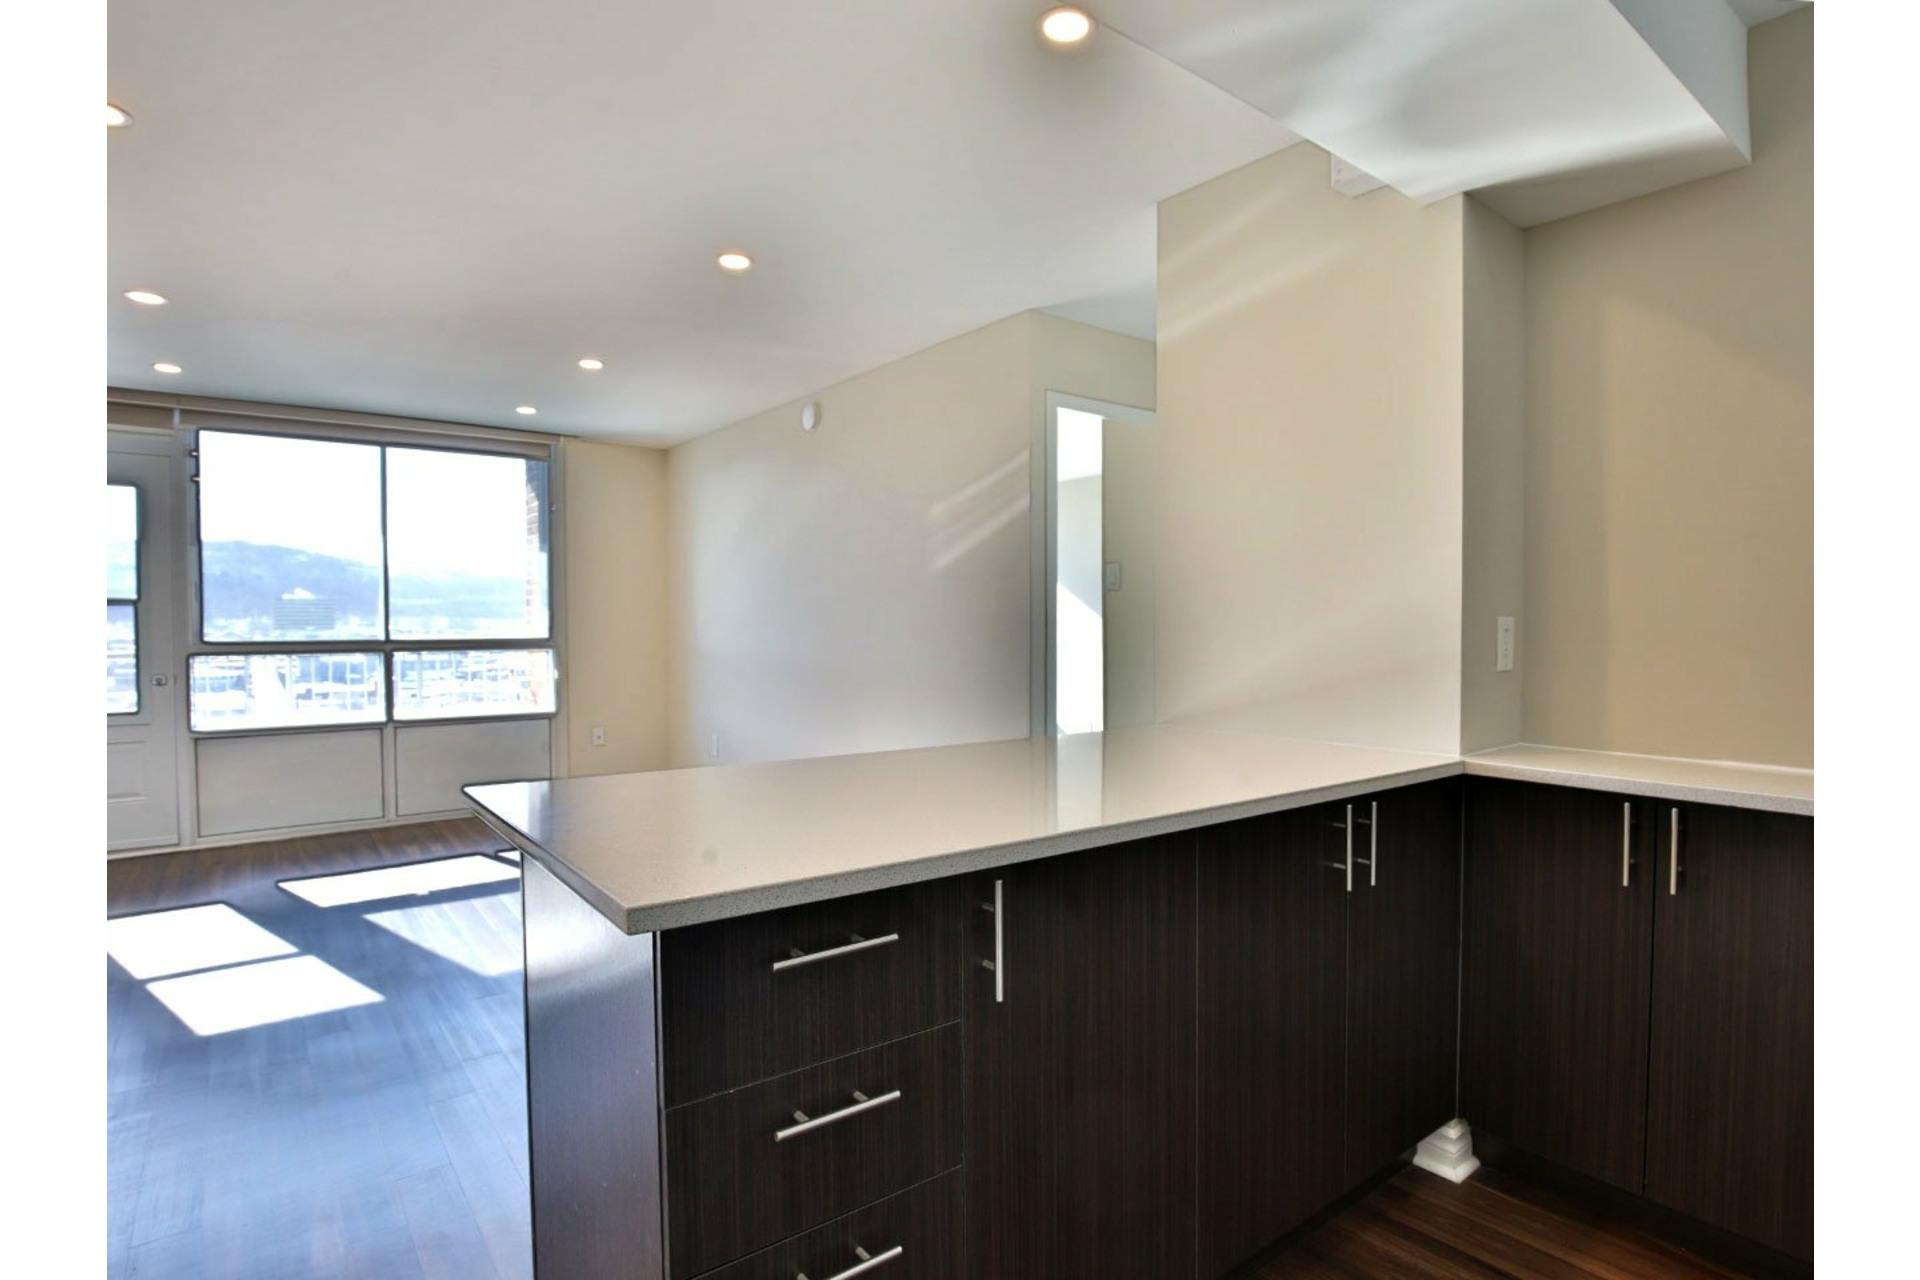 image 9 - Apartment For rent Le Plateau-Mont-Royal Montréal  - 4 rooms